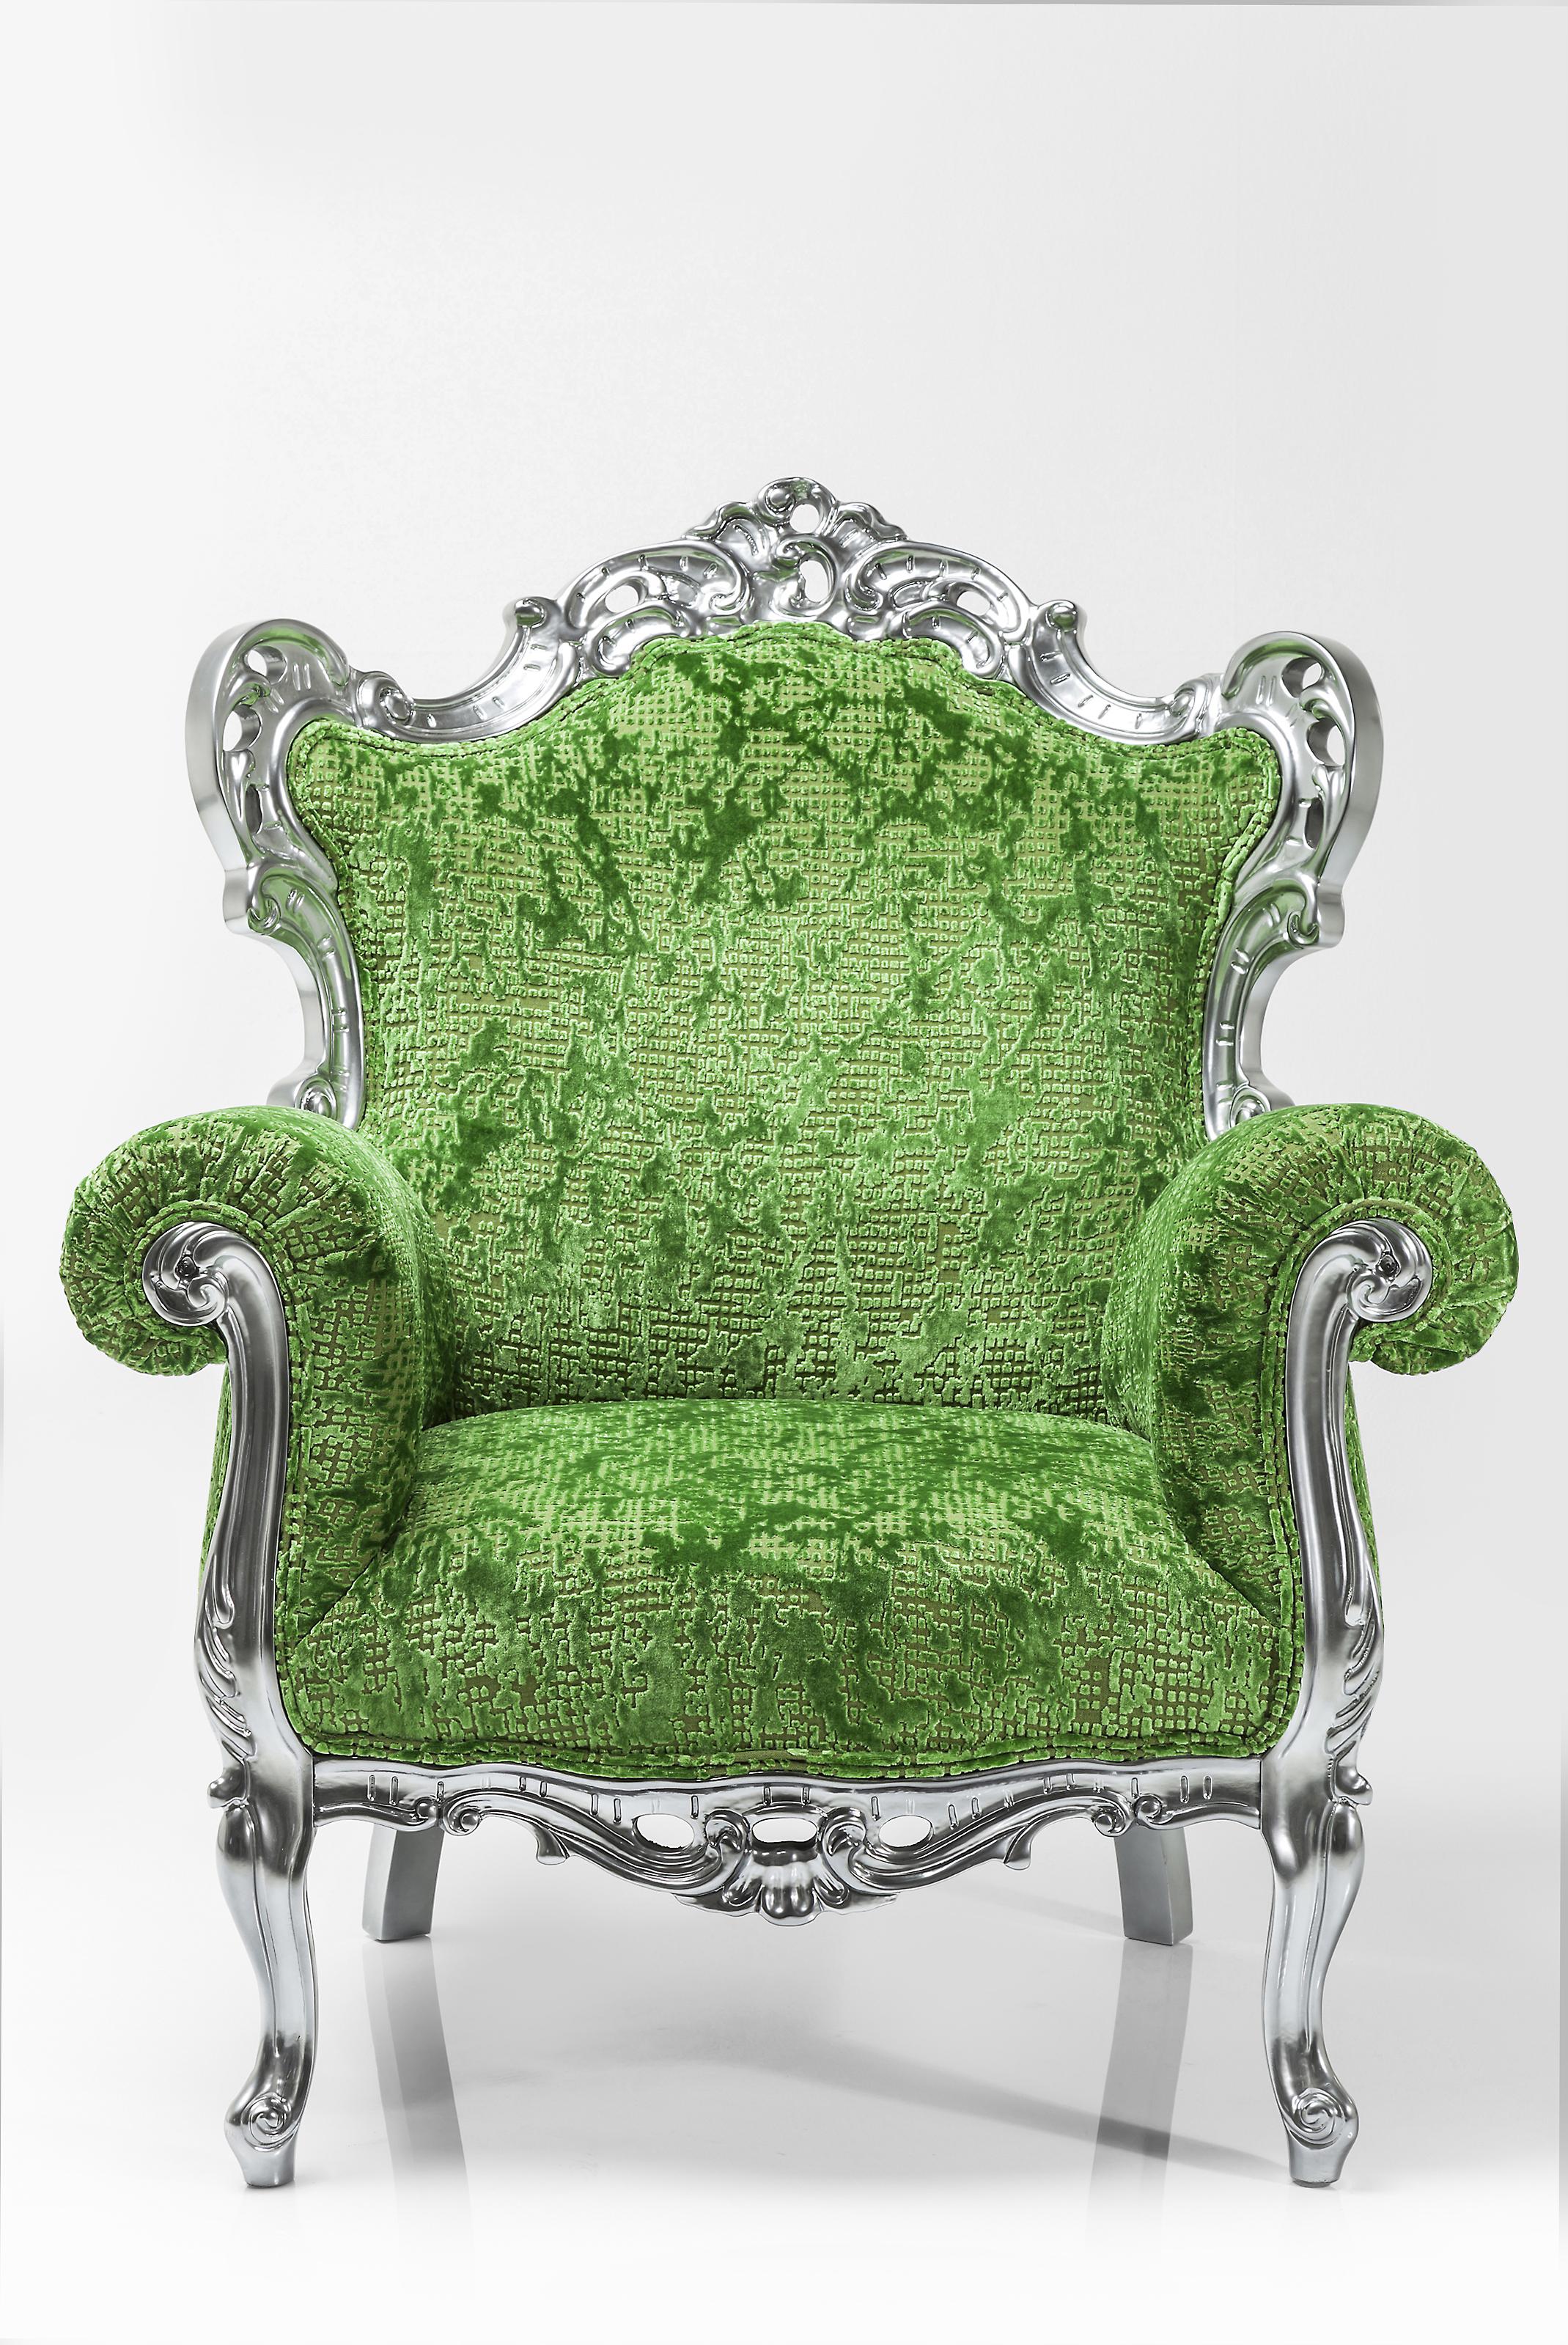 m bel und wohnen greenery pantone farbe des jahres 2017 neo barock in szene gesetzt. Black Bedroom Furniture Sets. Home Design Ideas